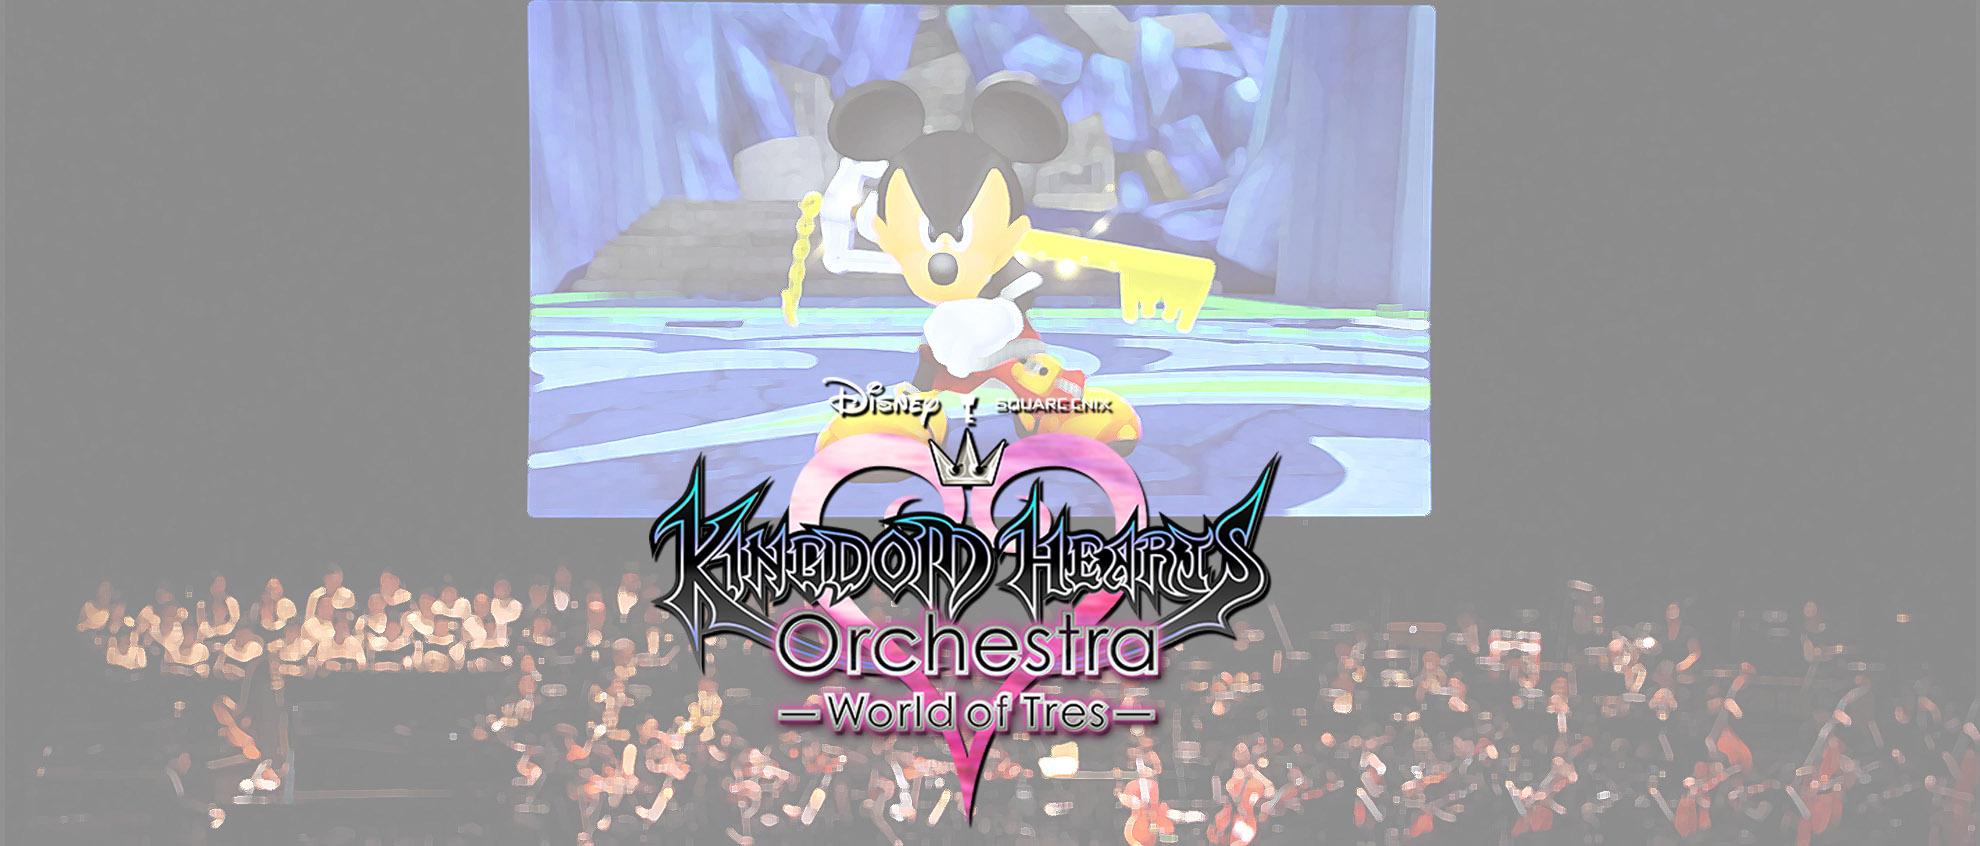 Torna (anche) in Italia il concerto Kingdom Hearts Orchestra!